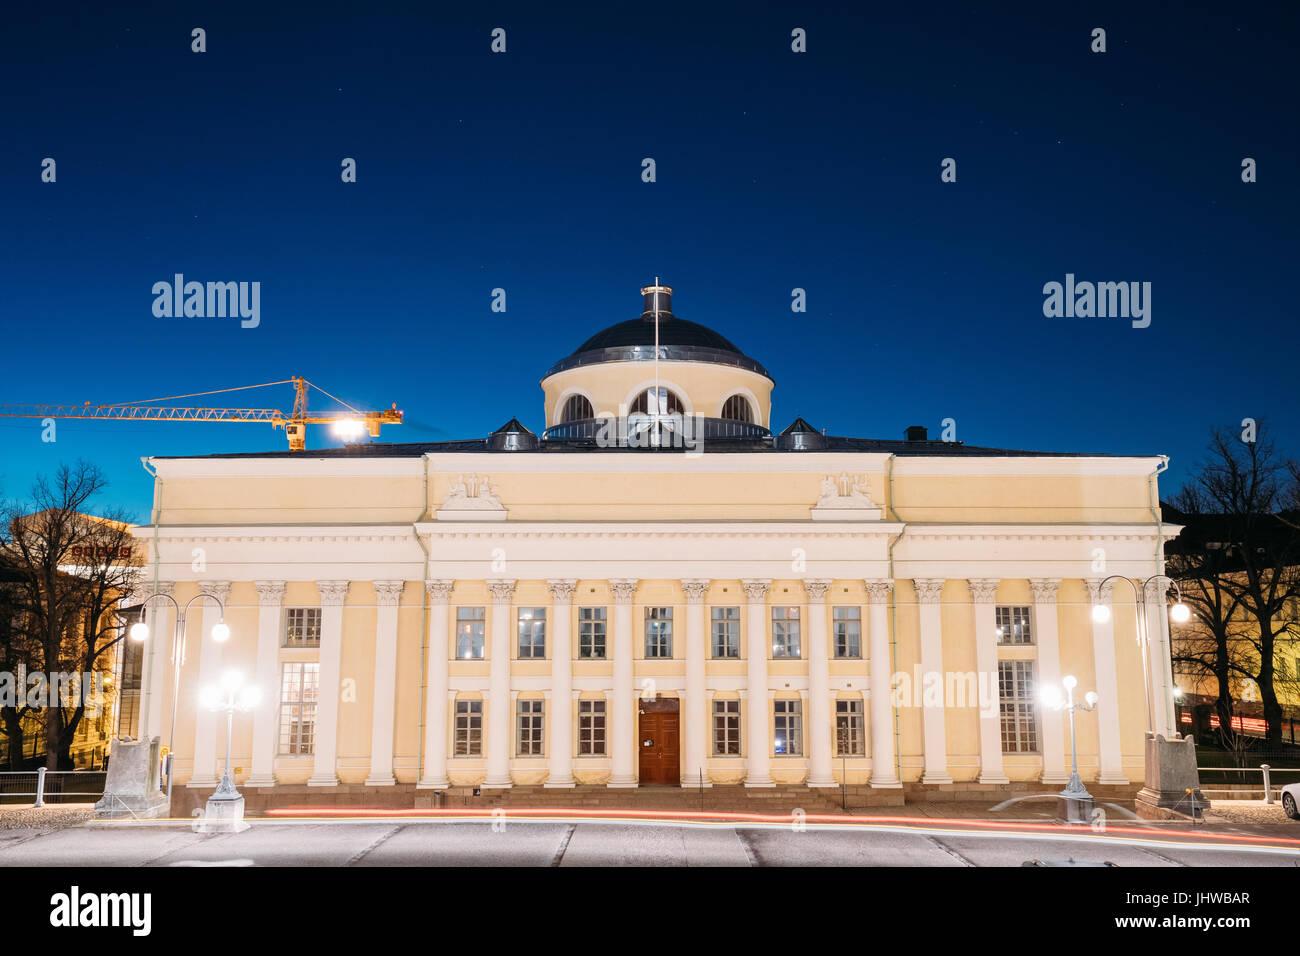 Helsinki, Finnland. Die Nationalbibliothek von Finnland In Beleuchtung am Abend oder Nachtbeleuchtung. Administrativ Stockbild